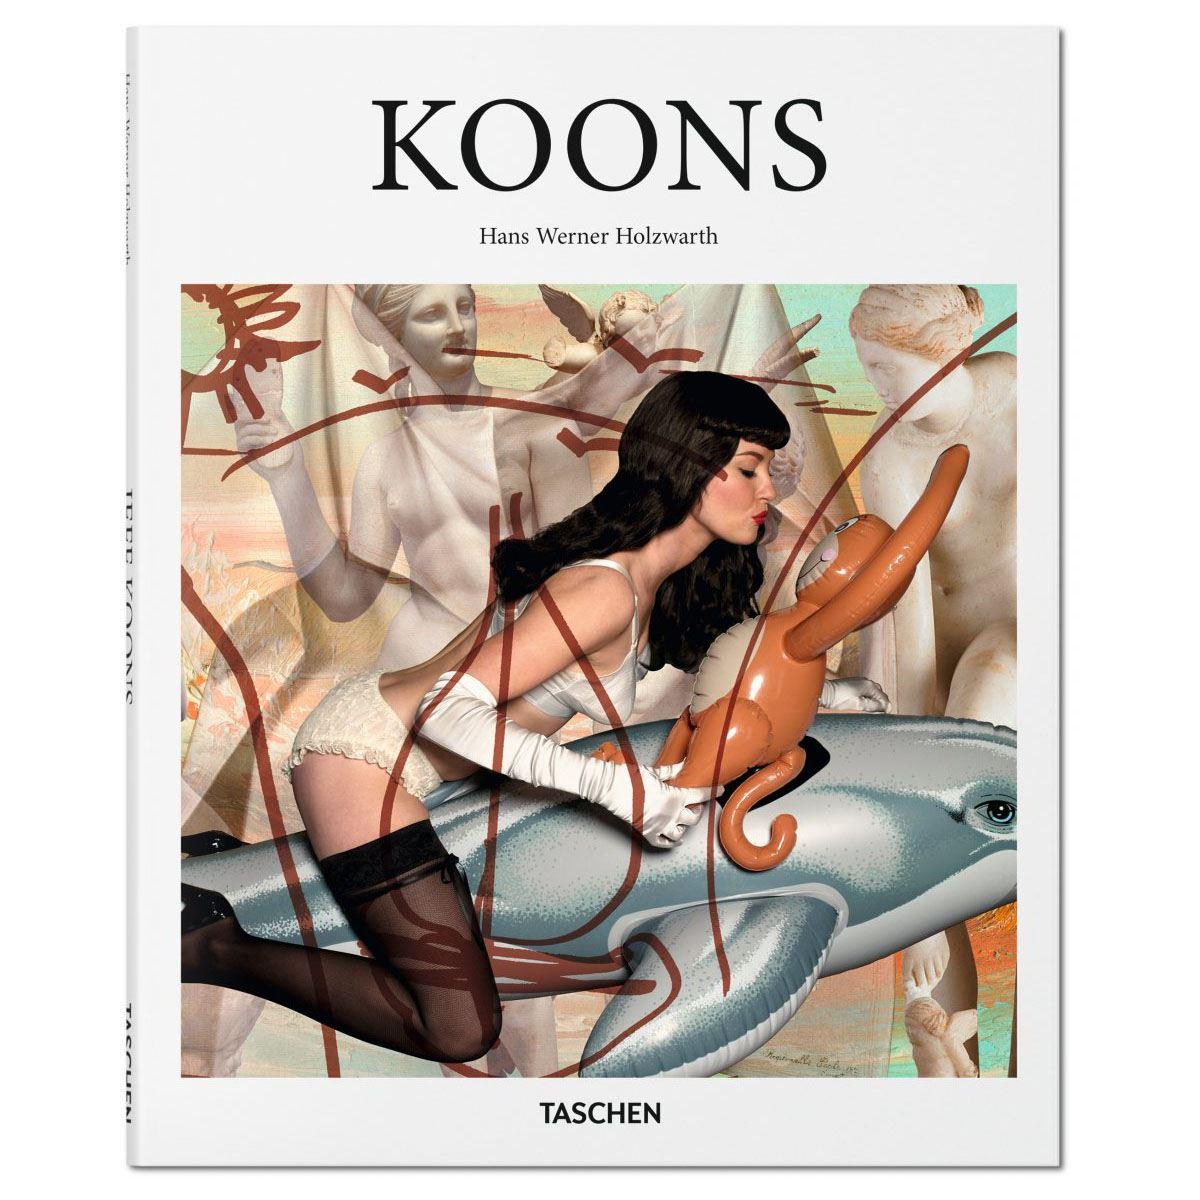 Koons